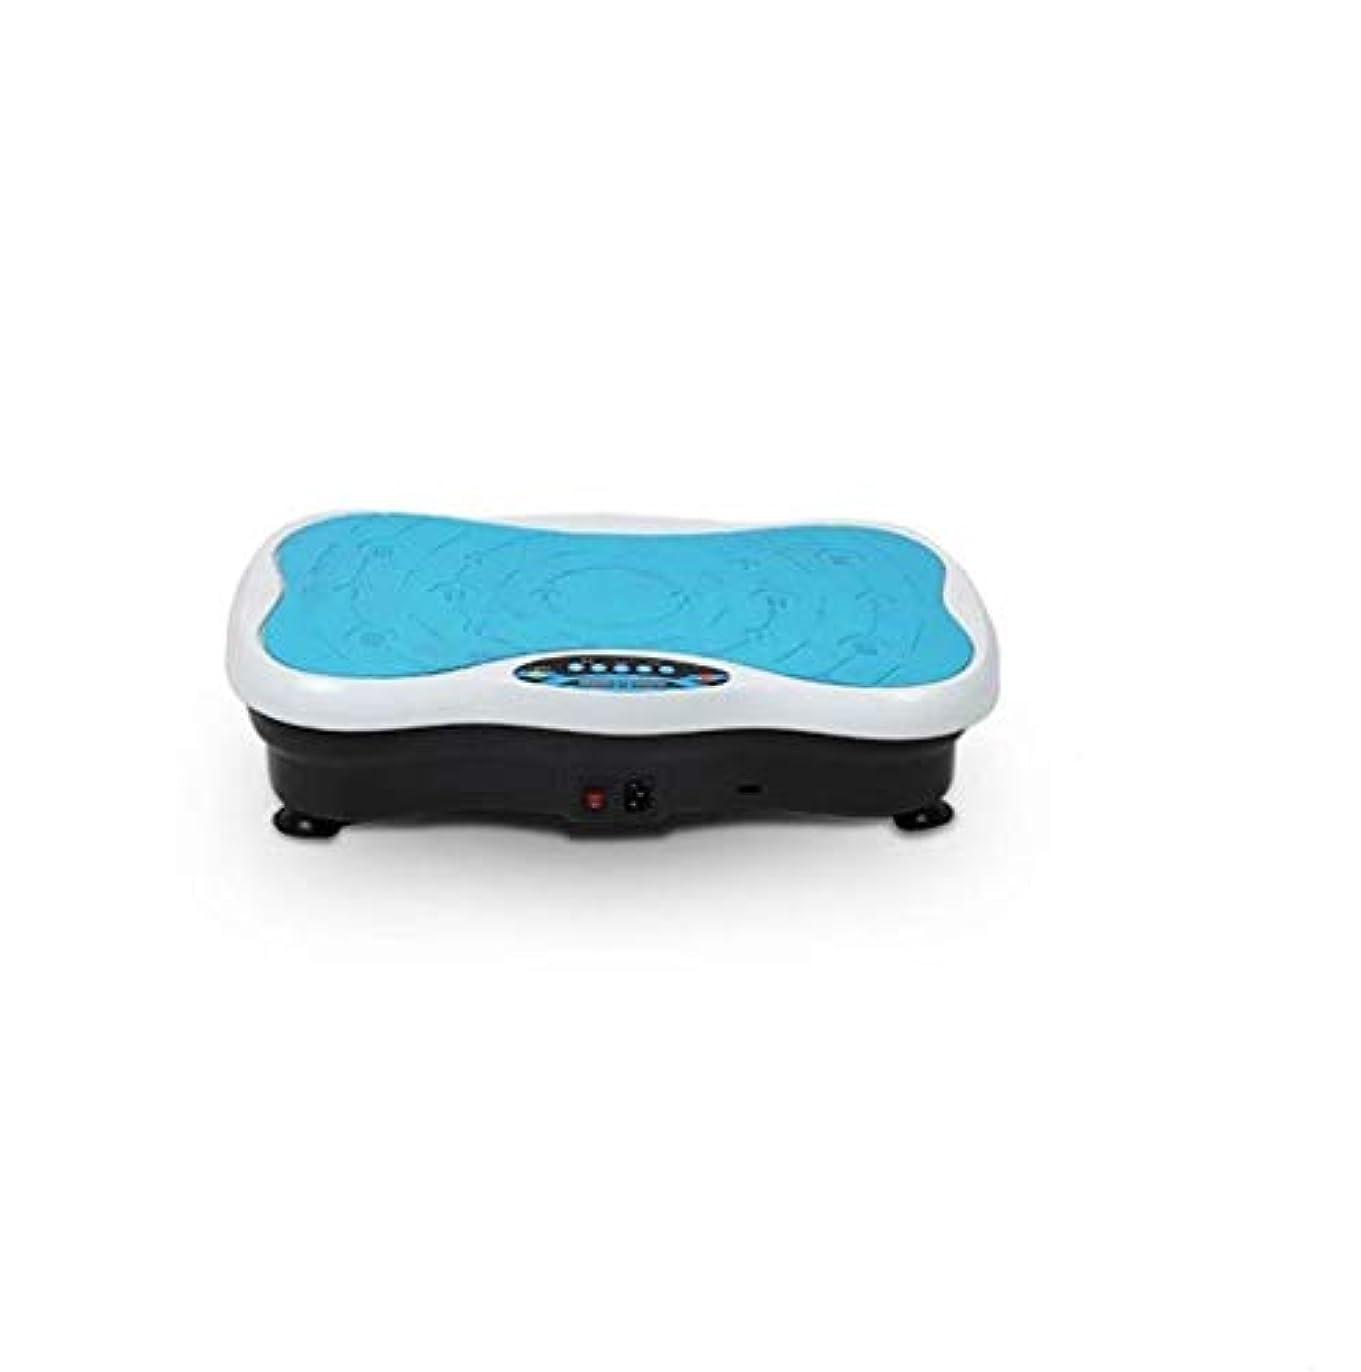 コンプリートキノコ離れた3D電気減量マシン、振動フィットネストレーナー、ホームオフィスの脂肪燃焼マッサージ装置 (Color : 青)